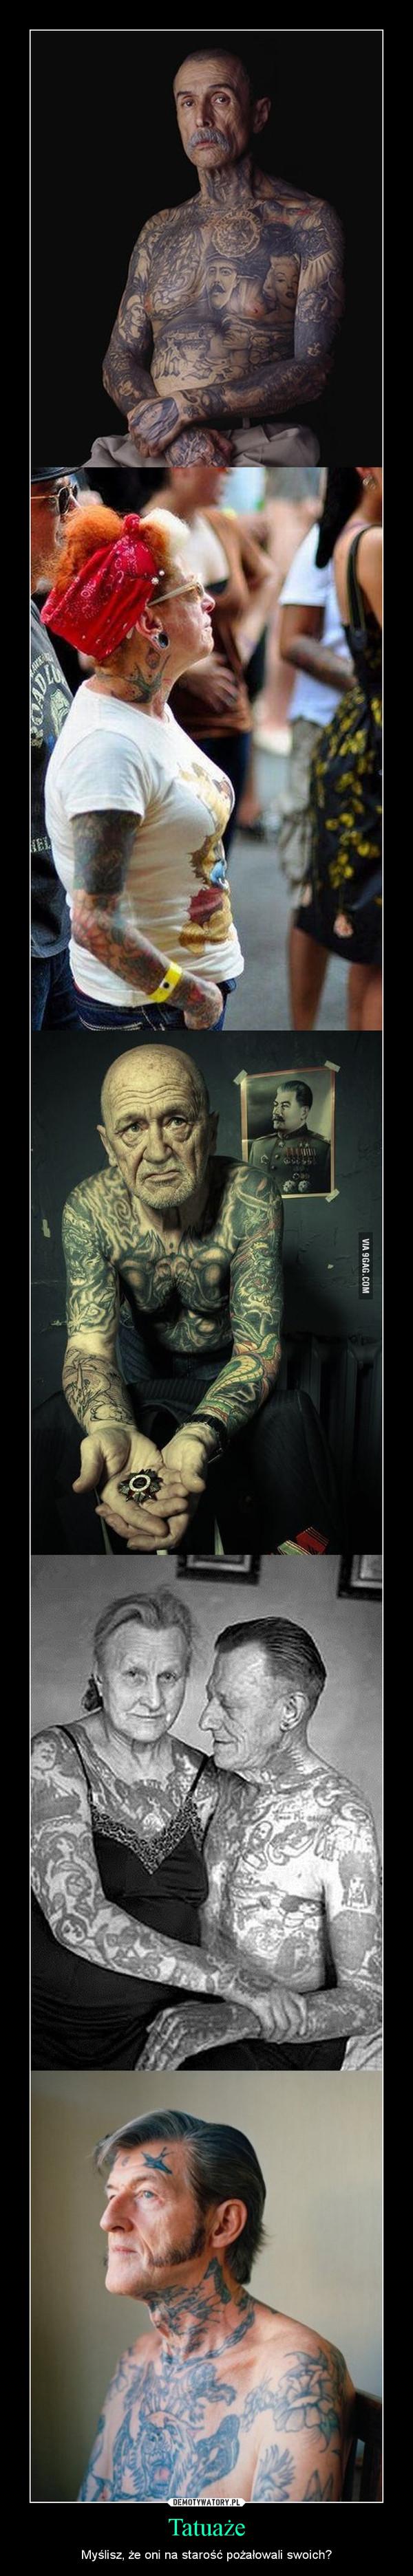 Tatuaże – Myślisz, że oni na starość pożałowali swoich?